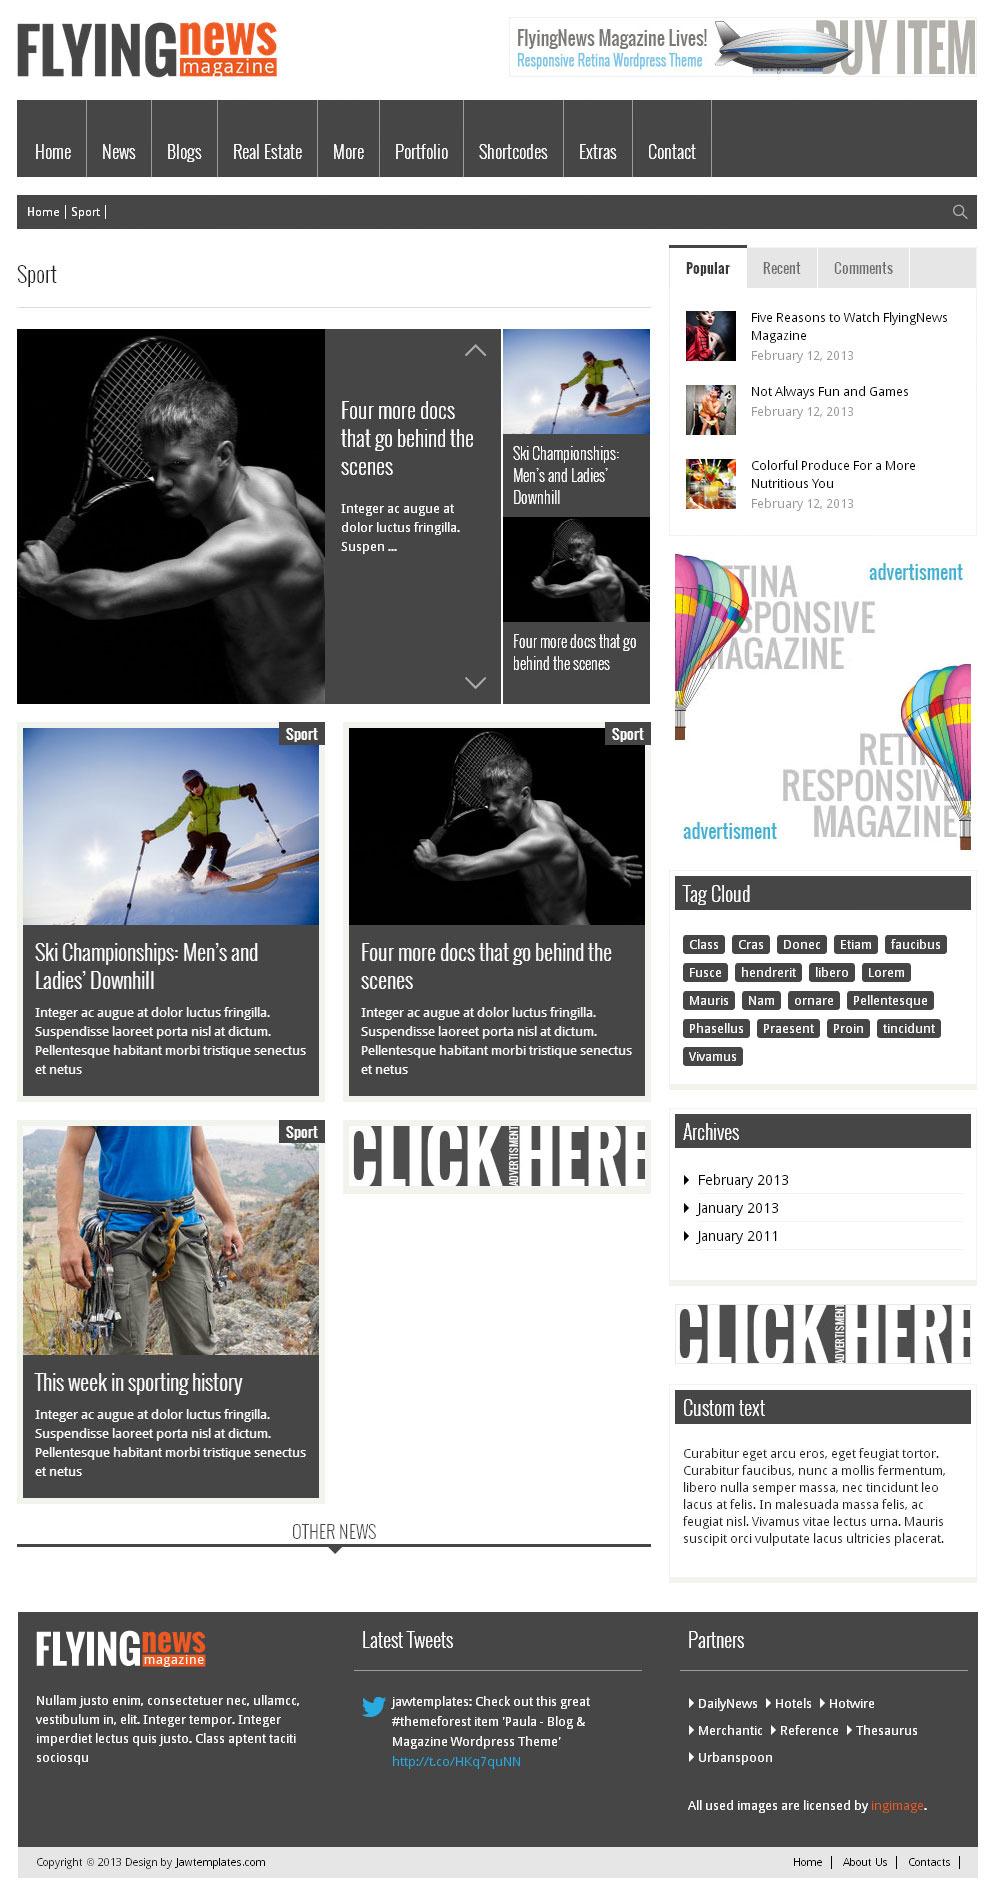 FlyingNews Responsive WordPress Magazine